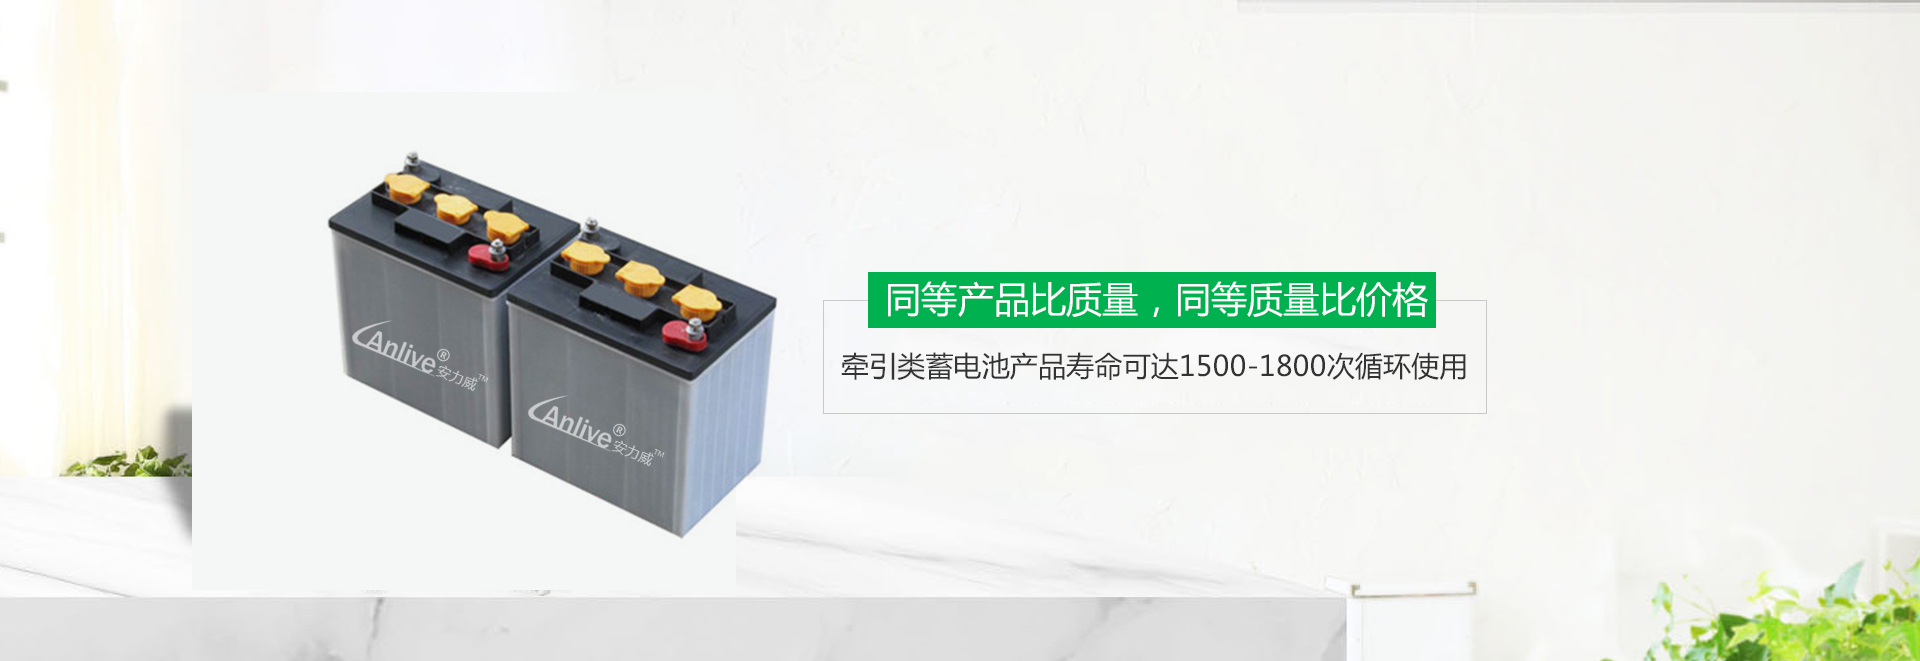 重庆叉车蓄电池厂家